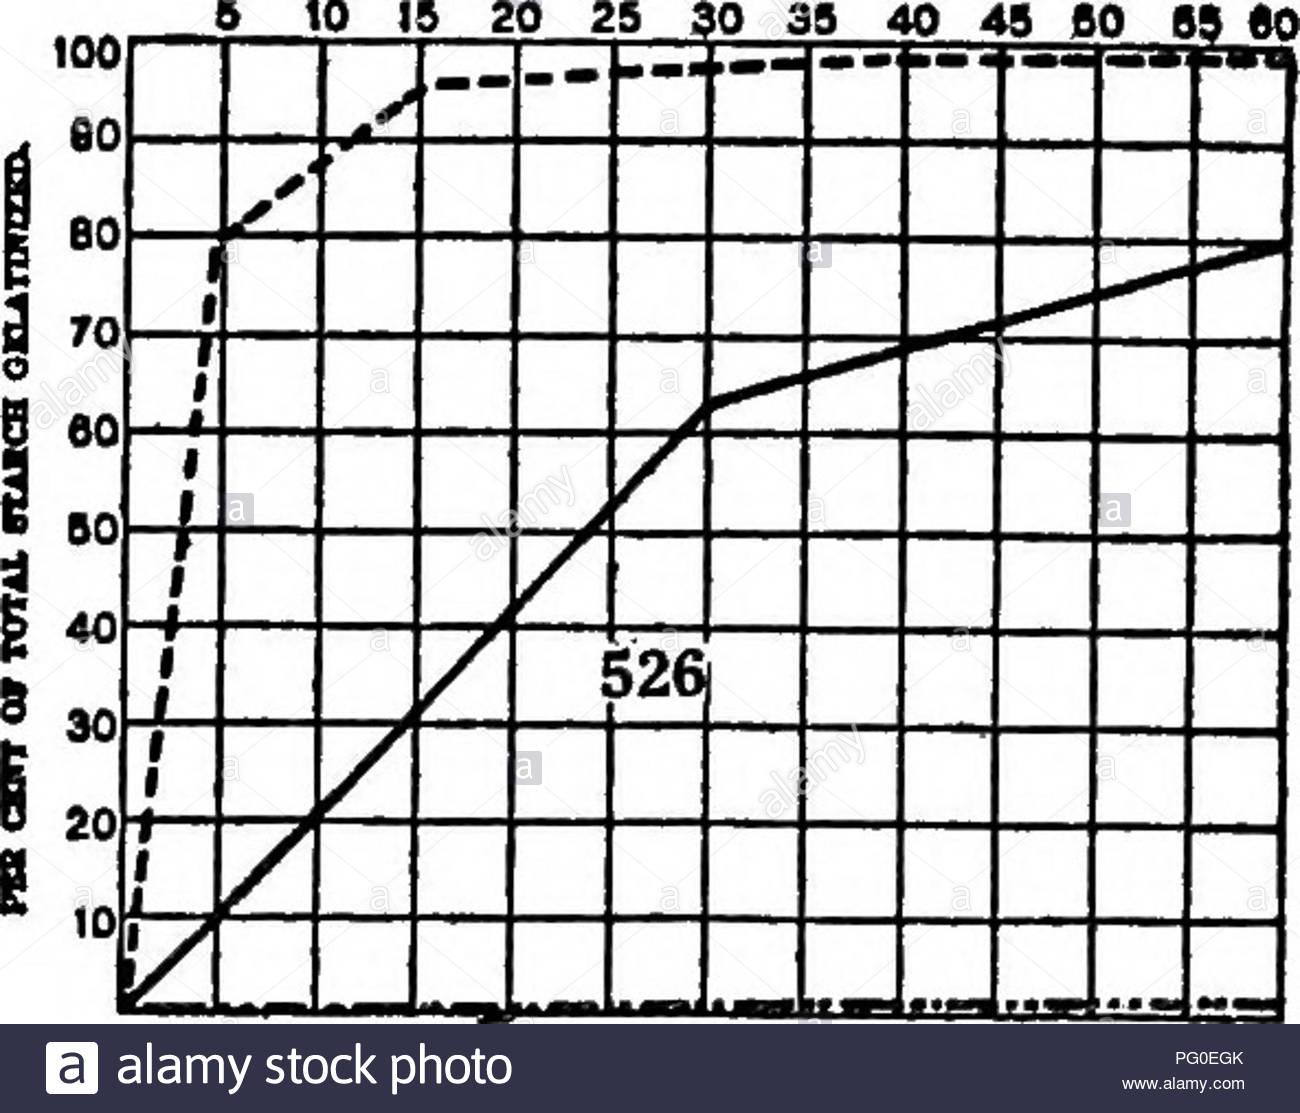 un biochemic base pour l etude des problemes de la taxonomie l heredite de l evolution etc avec une reference particuliere a l amidon et des tissus de stocks parent et hybrides stocks et les amidons et l hemoglobine de varietes des especes et genres d amidon biochimie hybridation des plantes les plantes s 10 t 20 25 30 100 1 fc 50 140 ft 523 i a piaioo rucnoii a ou munnix di 10 15 20 25 30 70 so 3 j j s24 pebi 6101 ot 3d sucnon unlmi nr 20 25 30 35 40 45 50 68 60 100 160 525 g a a a a 560 r s f i 0 a gt a j a a a a rtiod uicnon de ni pg0egk